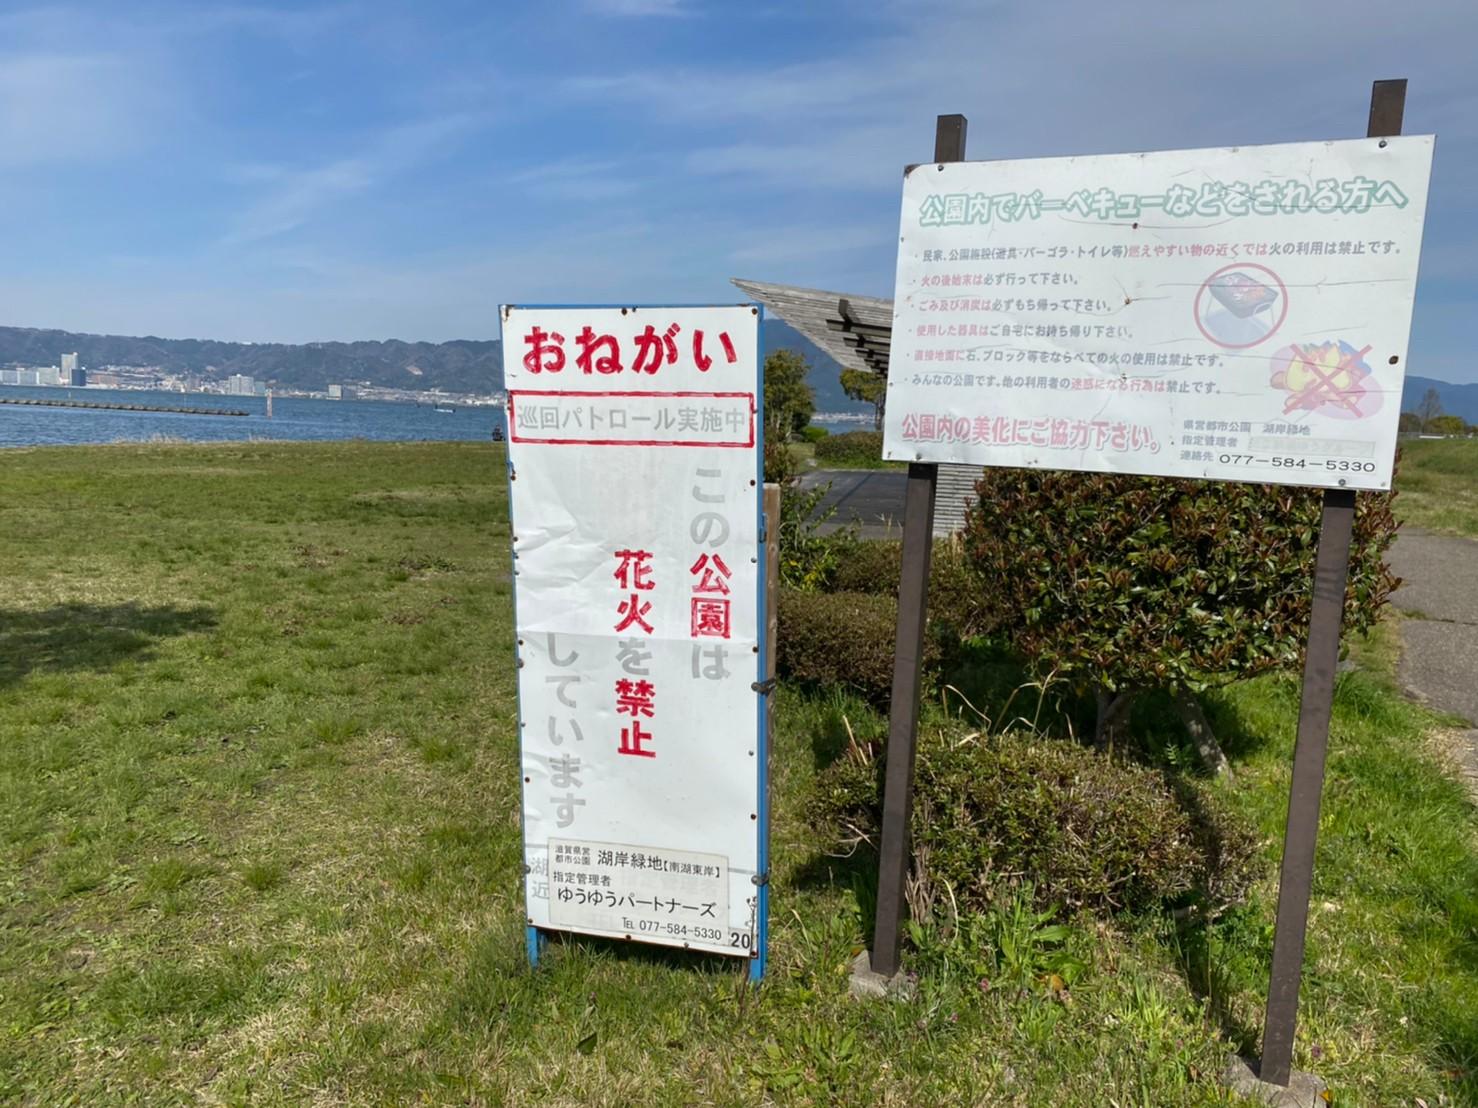 【草津市】『湖岸緑地 北山田-1』のアウトドア情報